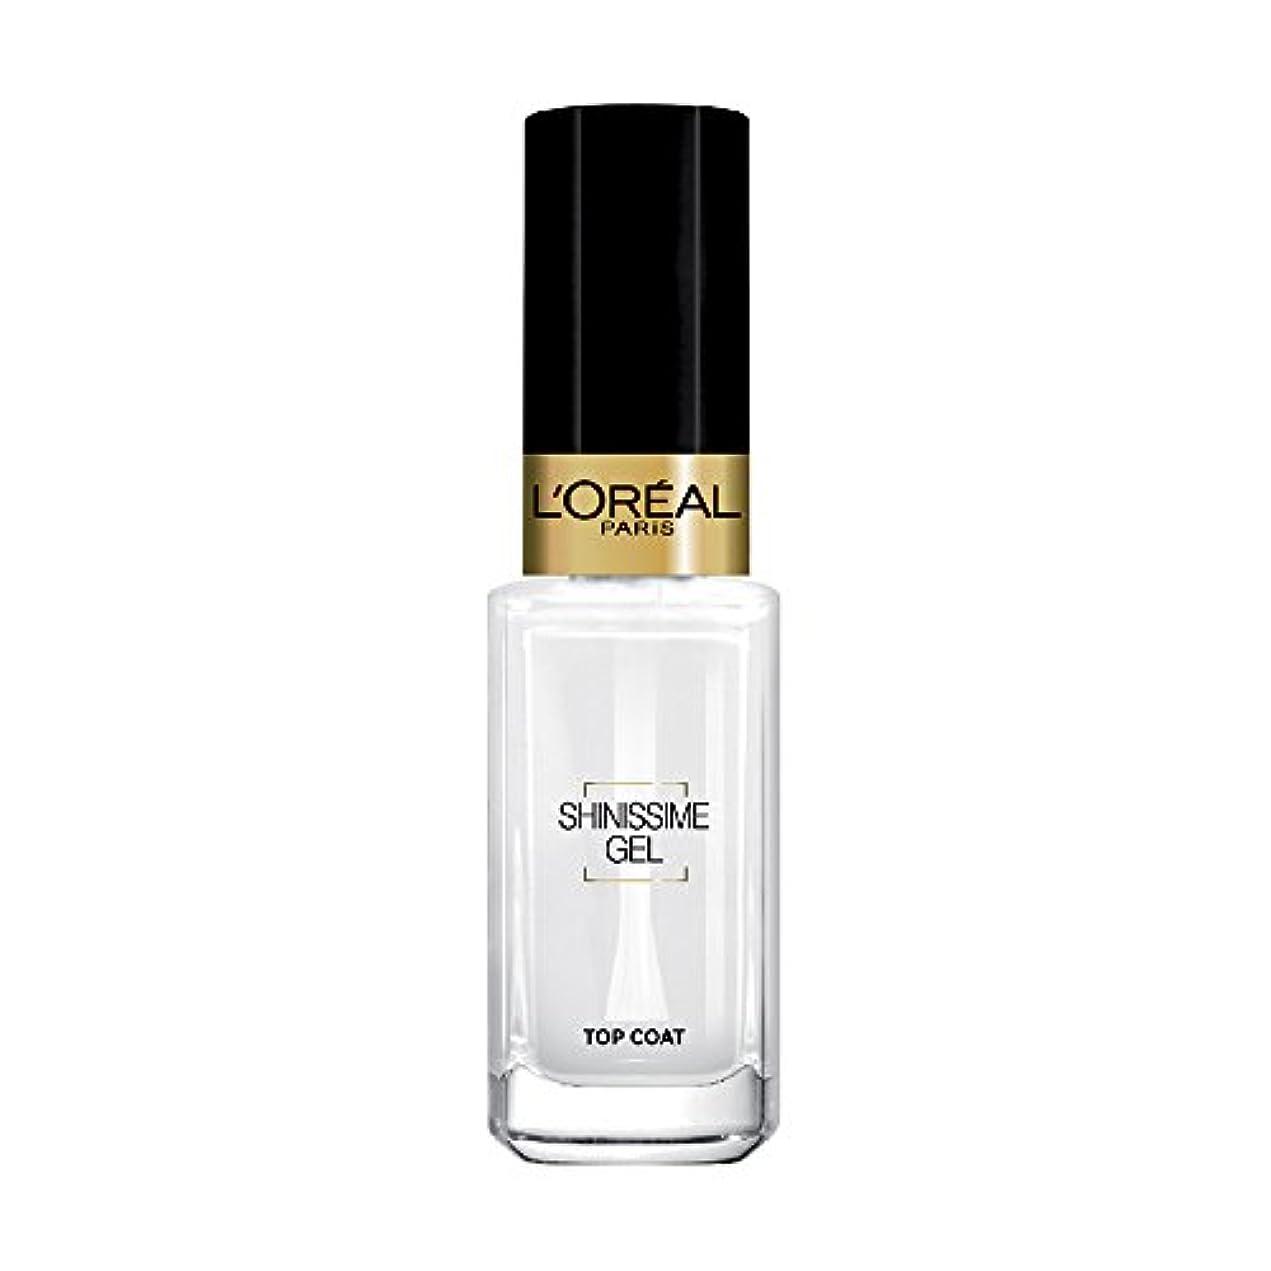 境界ブラストテスピアンL 'Oréal Paris shinissime Gel Top Coat effekt gel